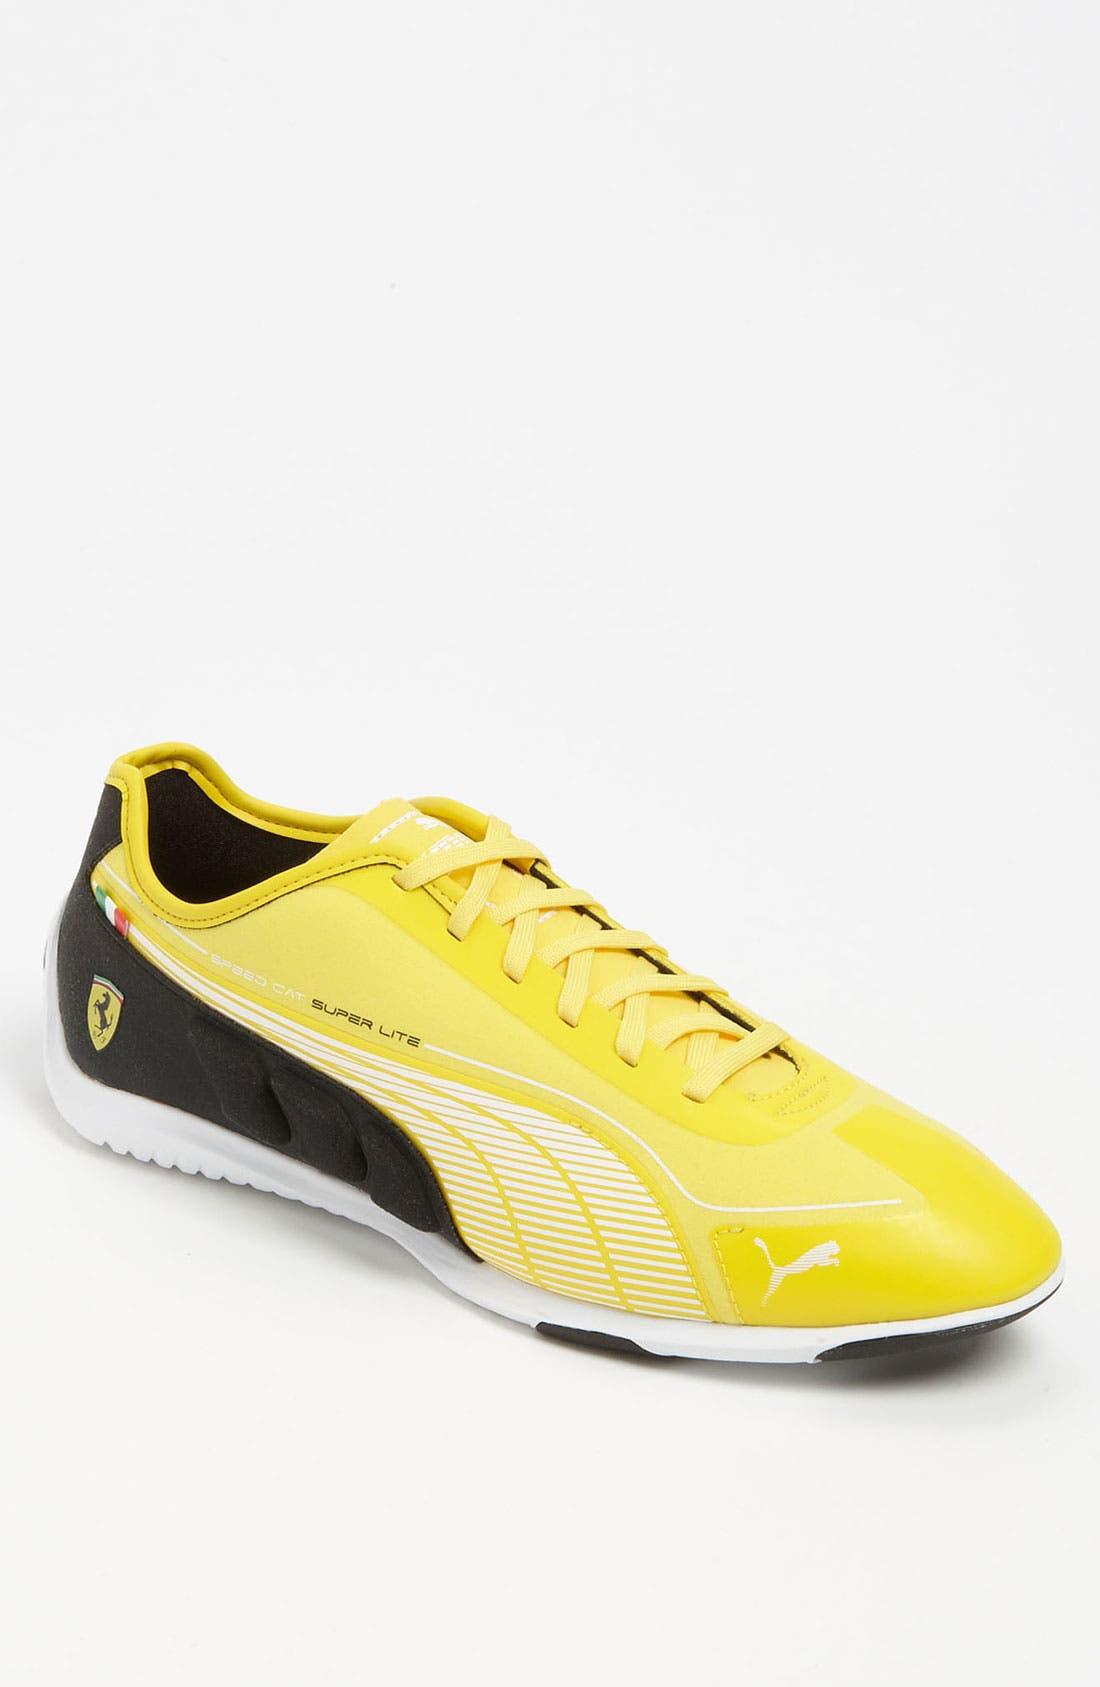 Main Image - PUMA 'Ferrari Speed Cat Super Lite' Sneaker (Men)